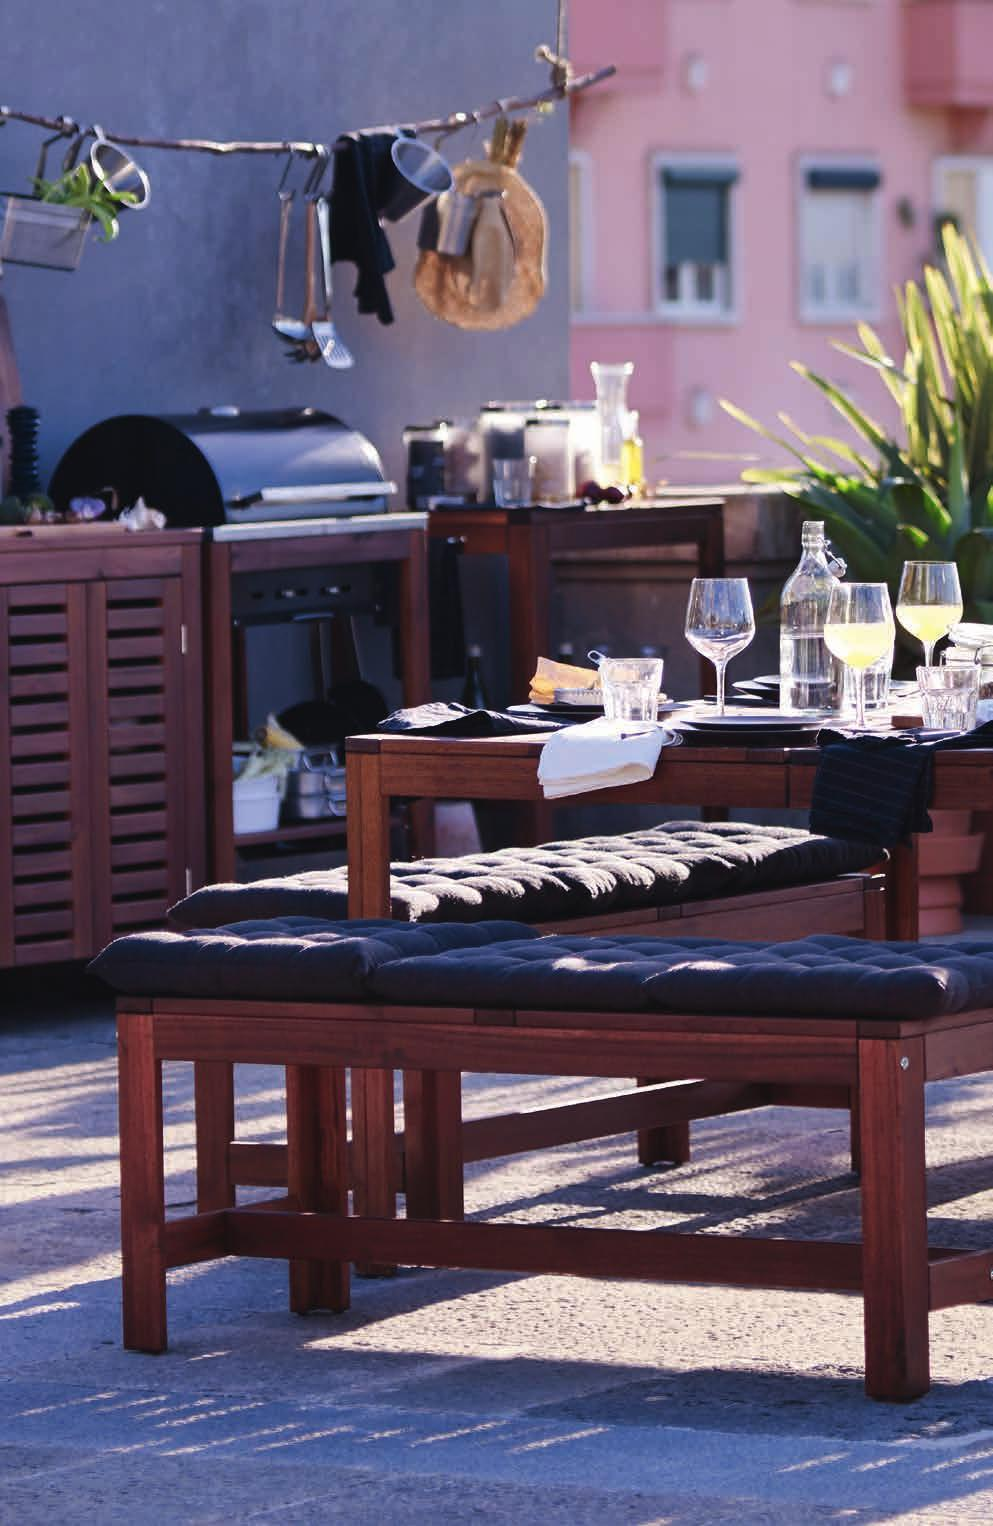 Full Size of Liegestuhl Klappbar Ikea Sommermbel Kaufhilfe Pdf Kostenfreier Download Küche Kosten Kaufen Miniküche Modulküche Garten Ausklappbares Bett Betten 160x200 Wohnzimmer Liegestuhl Klappbar Ikea